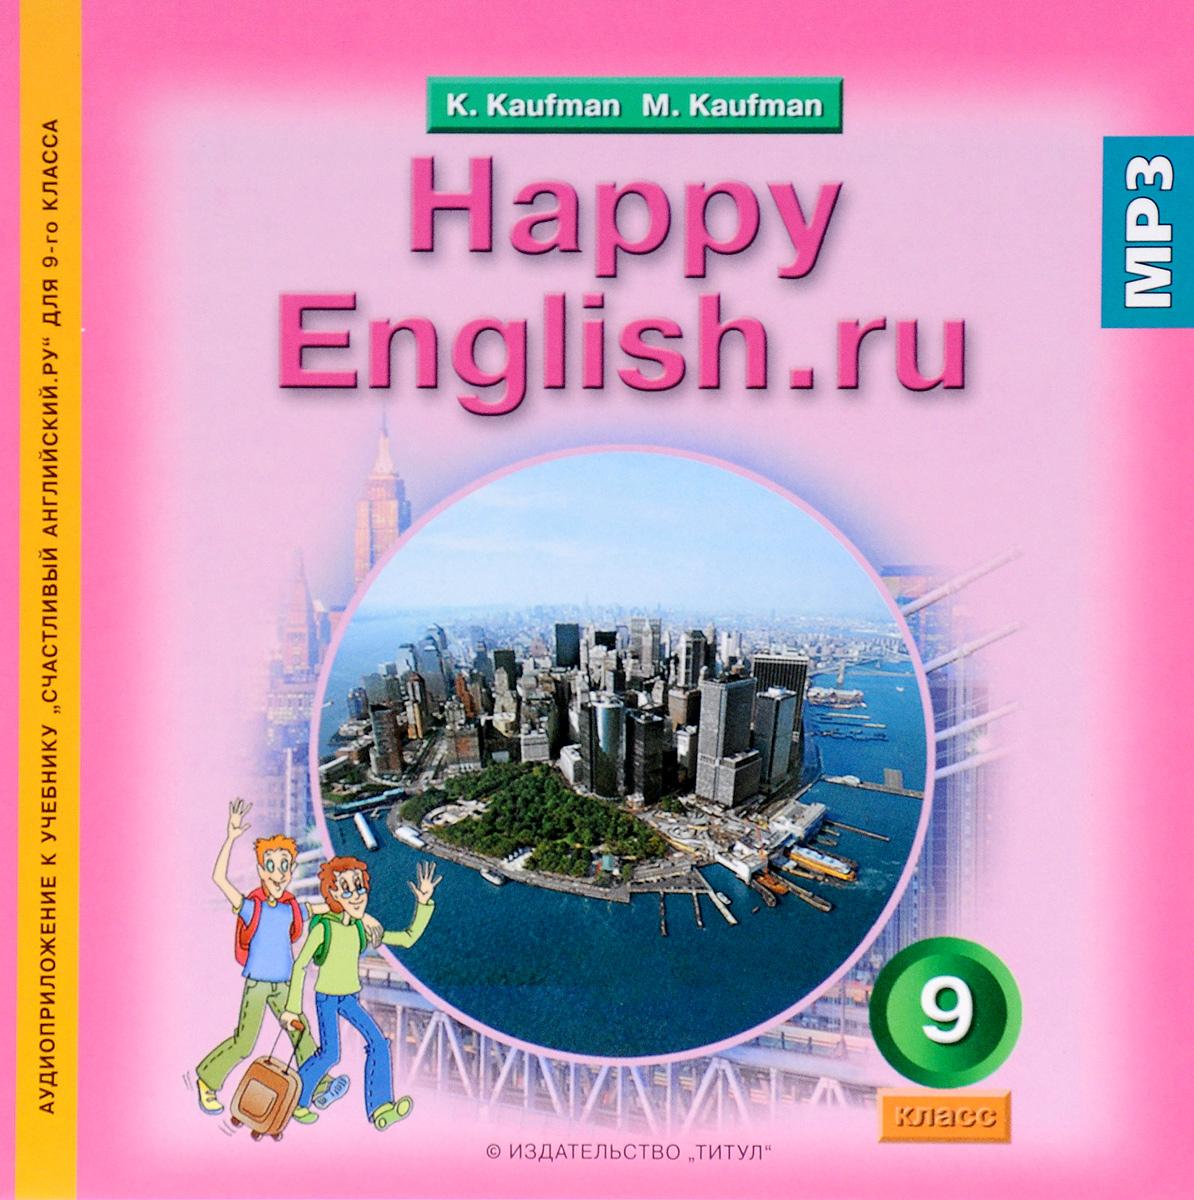 Happy English.ru 9 / Счастливый английский.ру. Английский язык. 9 класс. Электронное учебное пособие